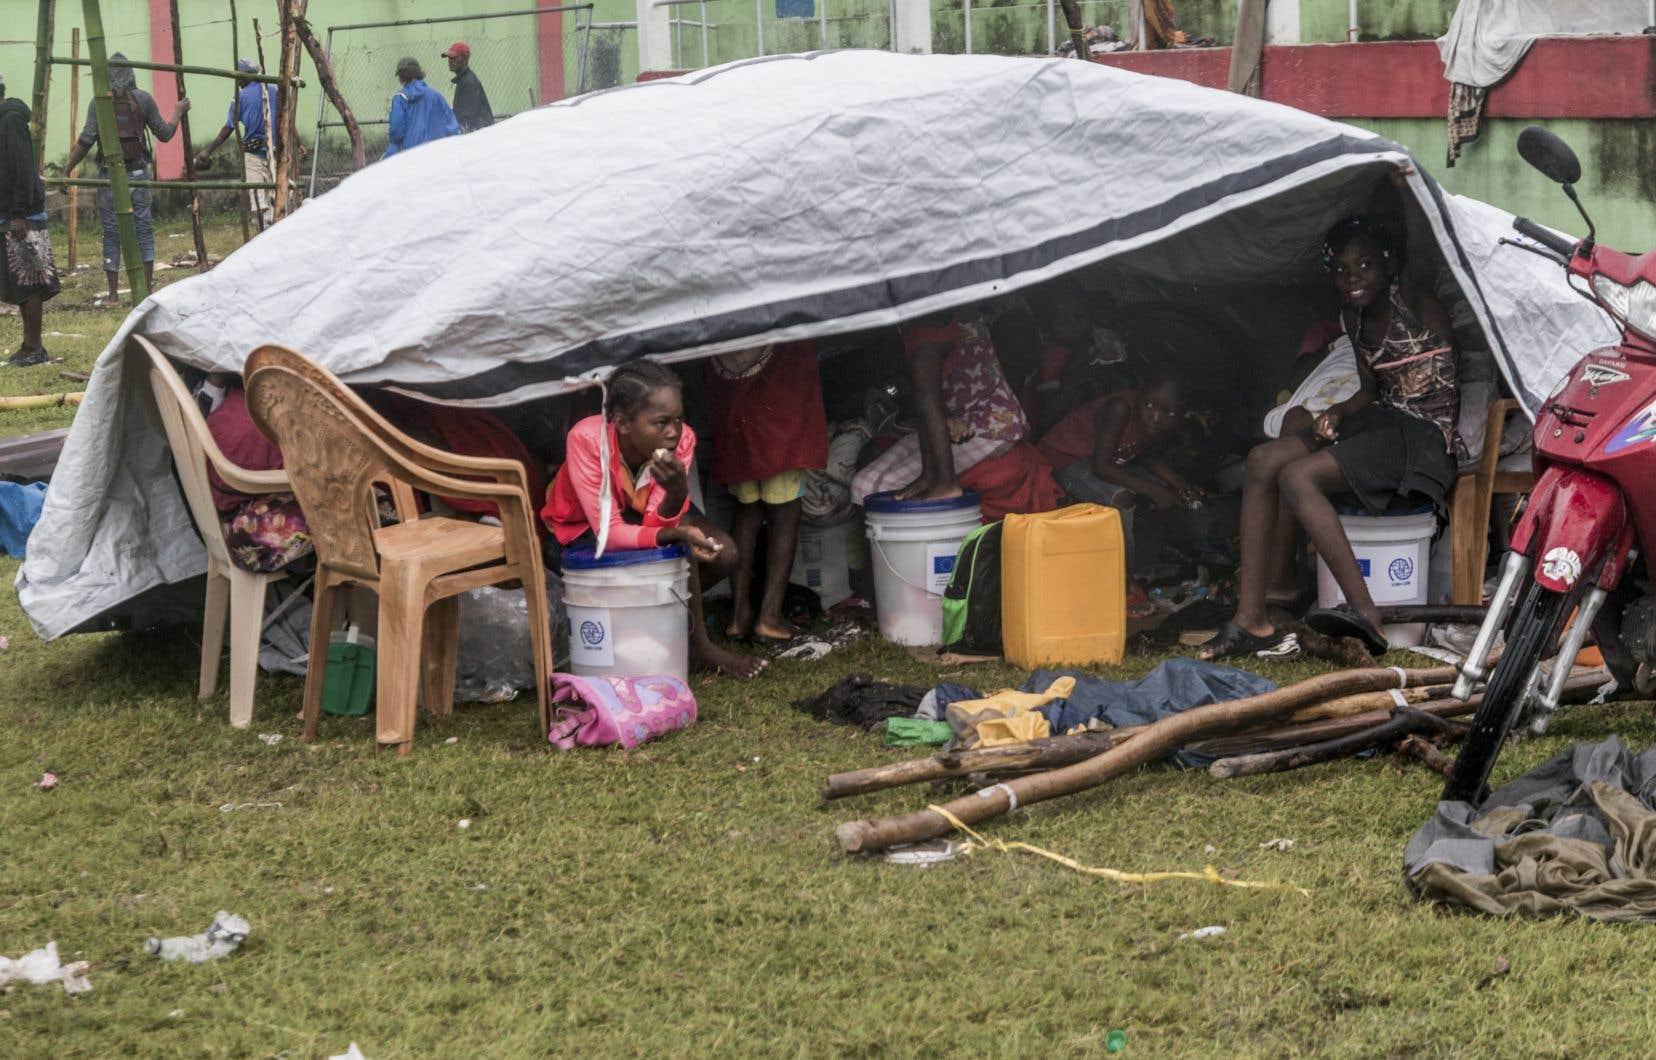 Dans la ville des Cayes, plus de 200 personnes ont commencé à bâtir mardi, sous un vent et une pluie persistants, des abris précaires sur un terrain de soccer. Tous sont sinistrés du tremblement de terre de magnitude 7,2 survenu samedi et qui, en quelques secondes, a réduit en poussière des dizaines de milliers d'habitations.